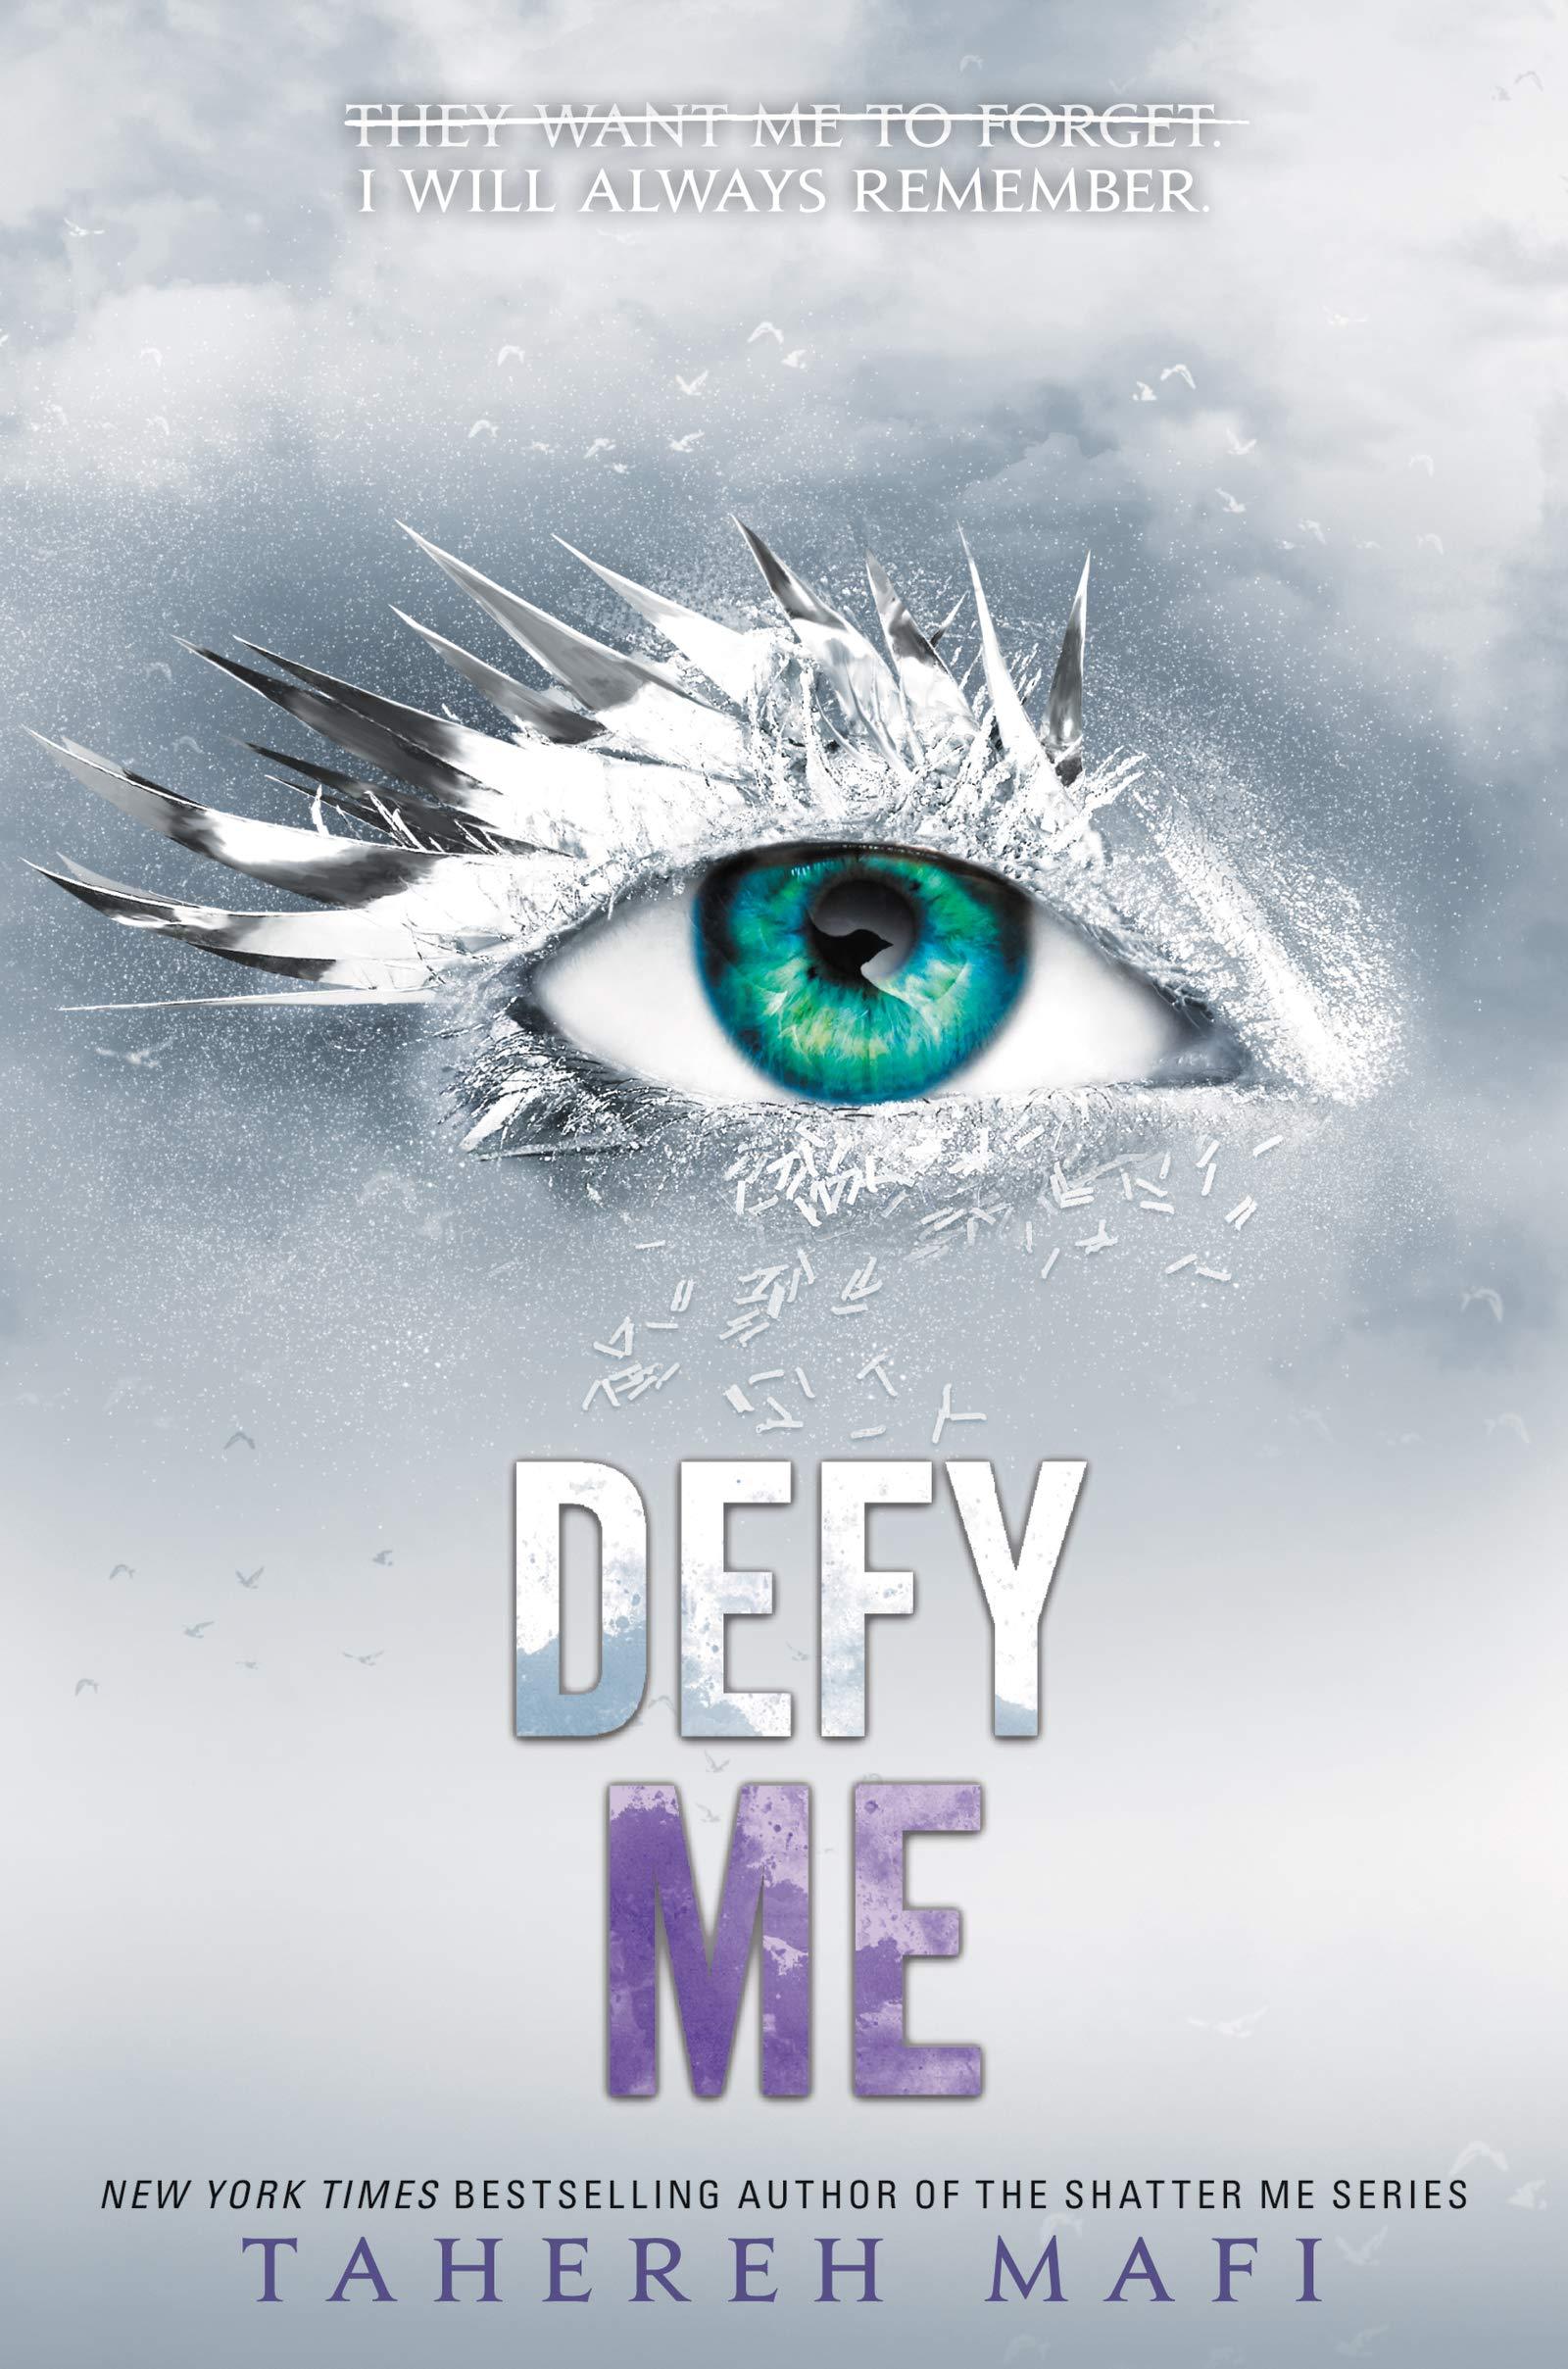 Amazon.com: Defy Me (Shatter Me) (9780062676399): Mafi, Tahereh: Books